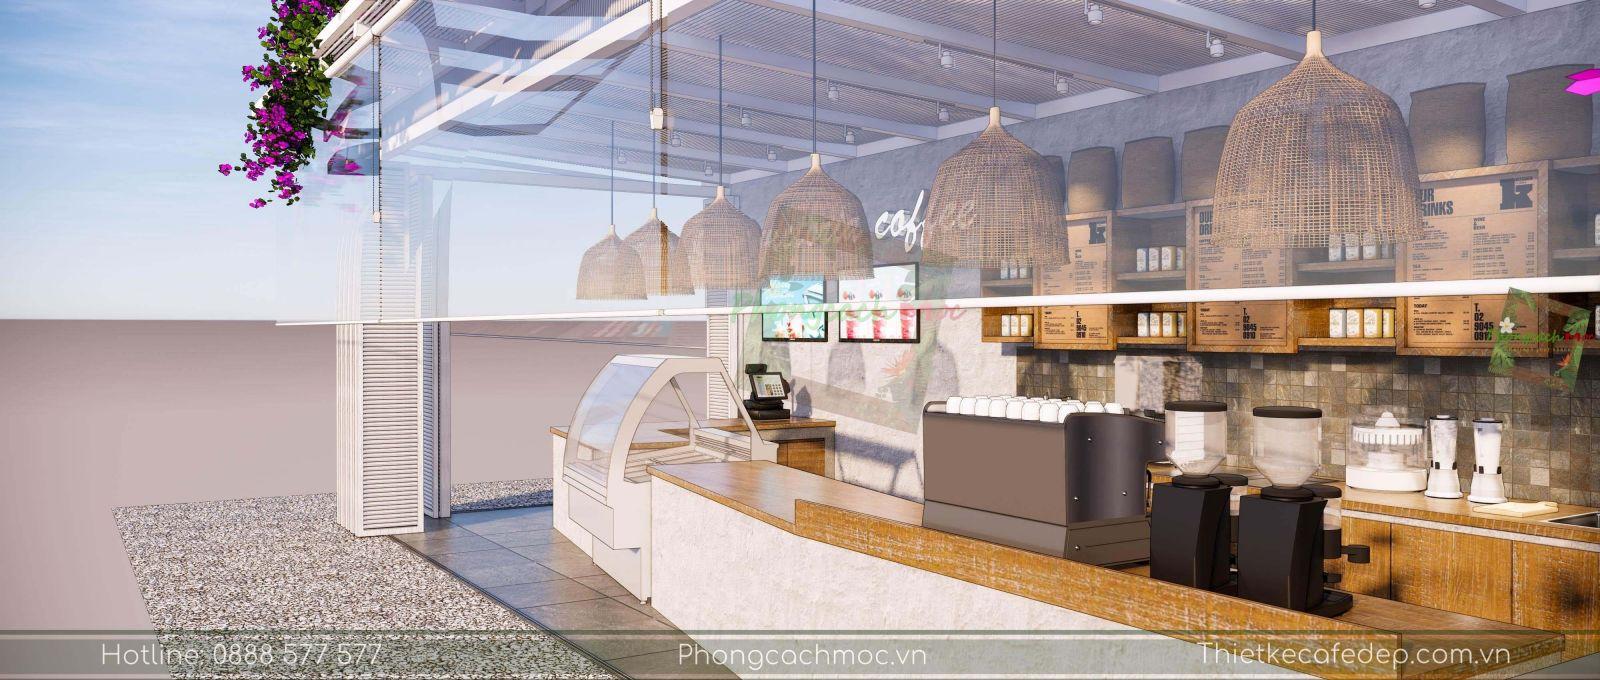 layout thiết kế quán cafe khu vực quẩy bar